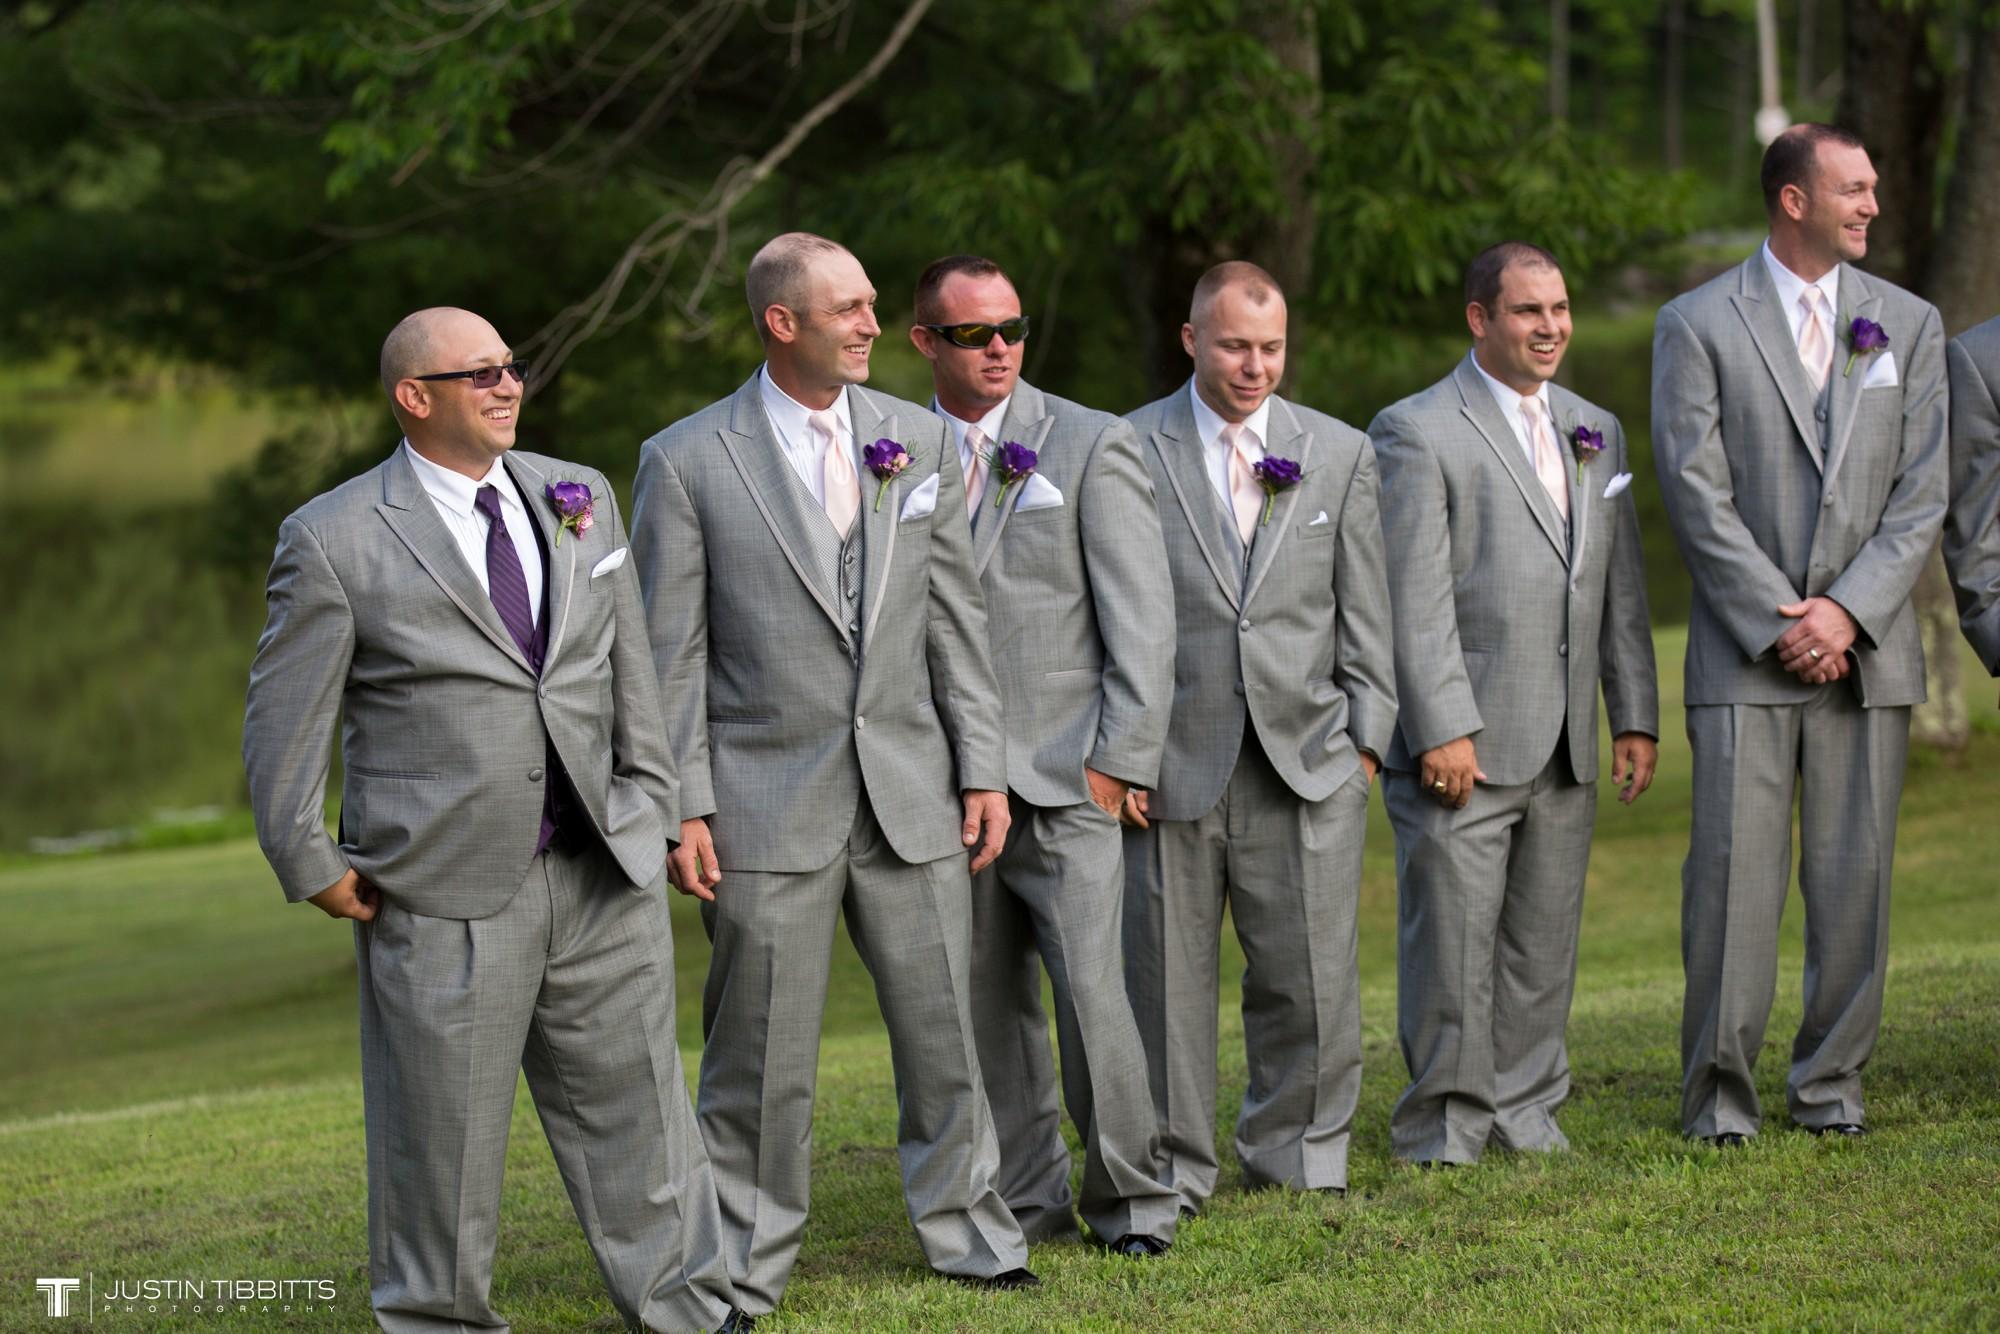 Albany NY Wedding Photographer Justin Tibbitts Photography 2014 Best of Albany NY Weddings-442934